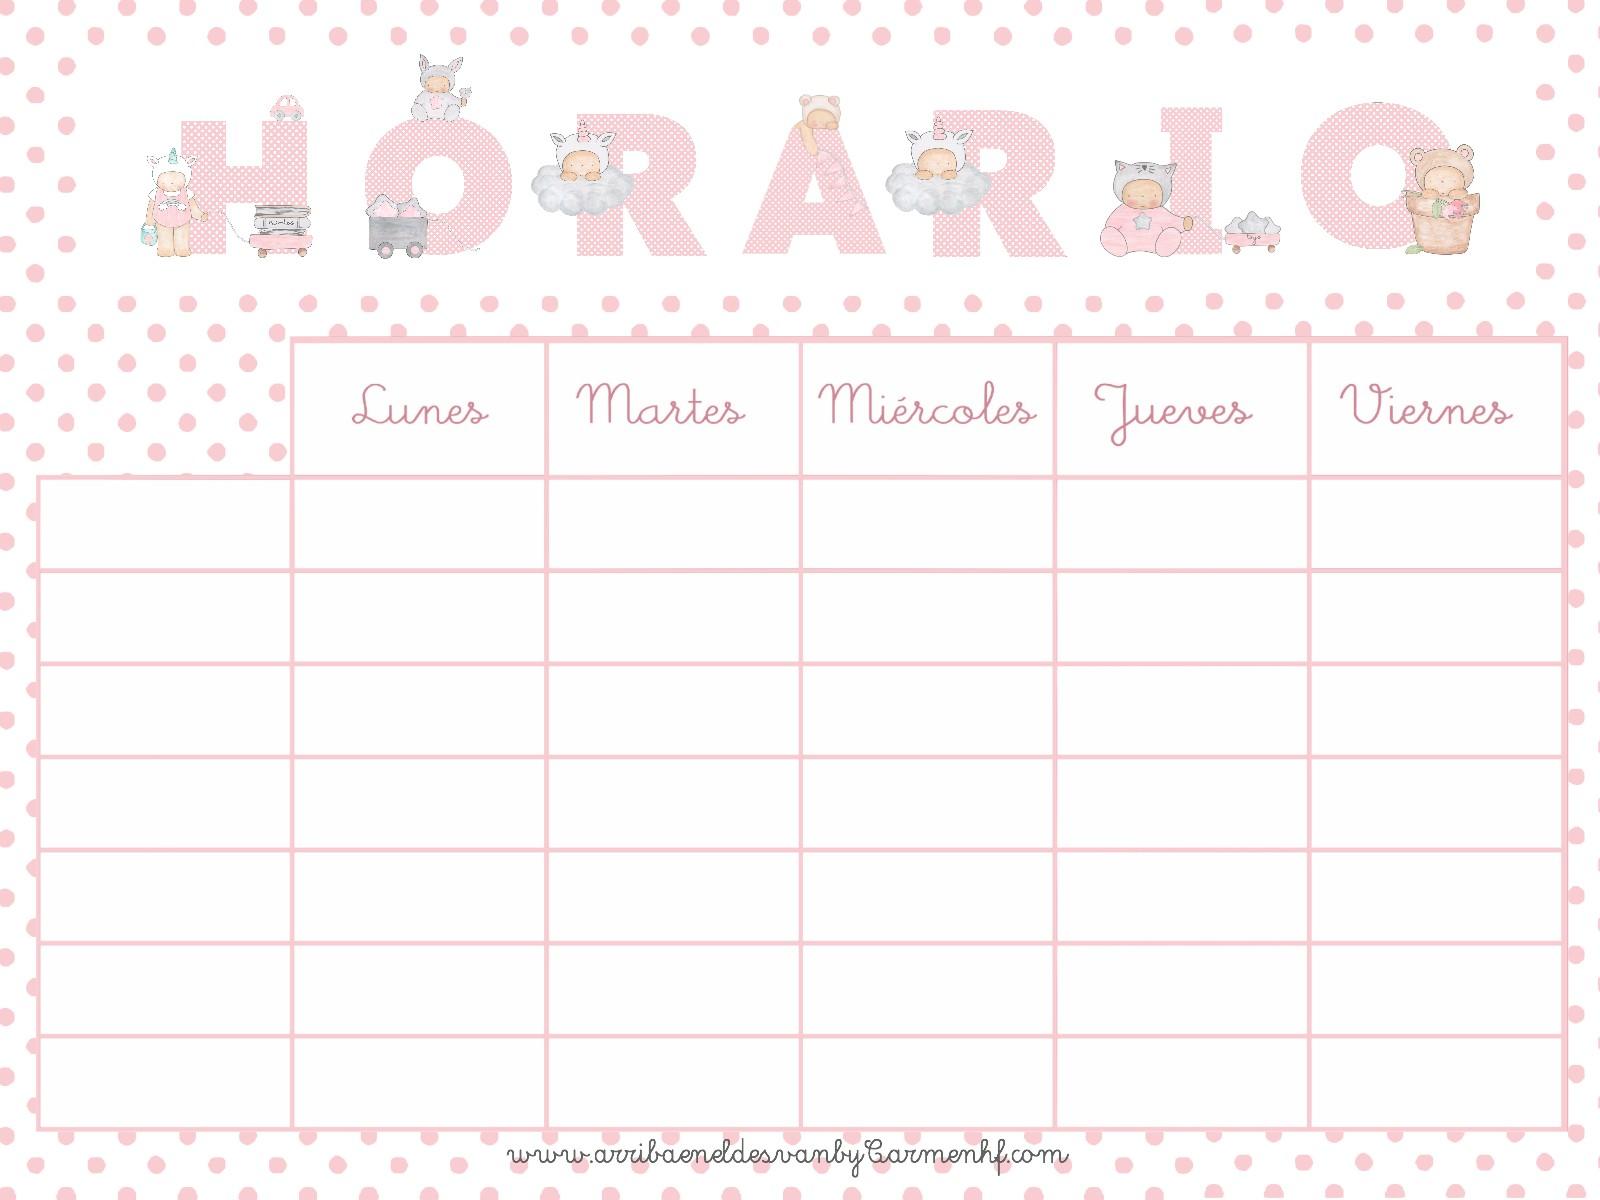 Free printable HORARIOS ESCOLARES GRATIS PARA IMPRIMIR en 2 colores rosa y